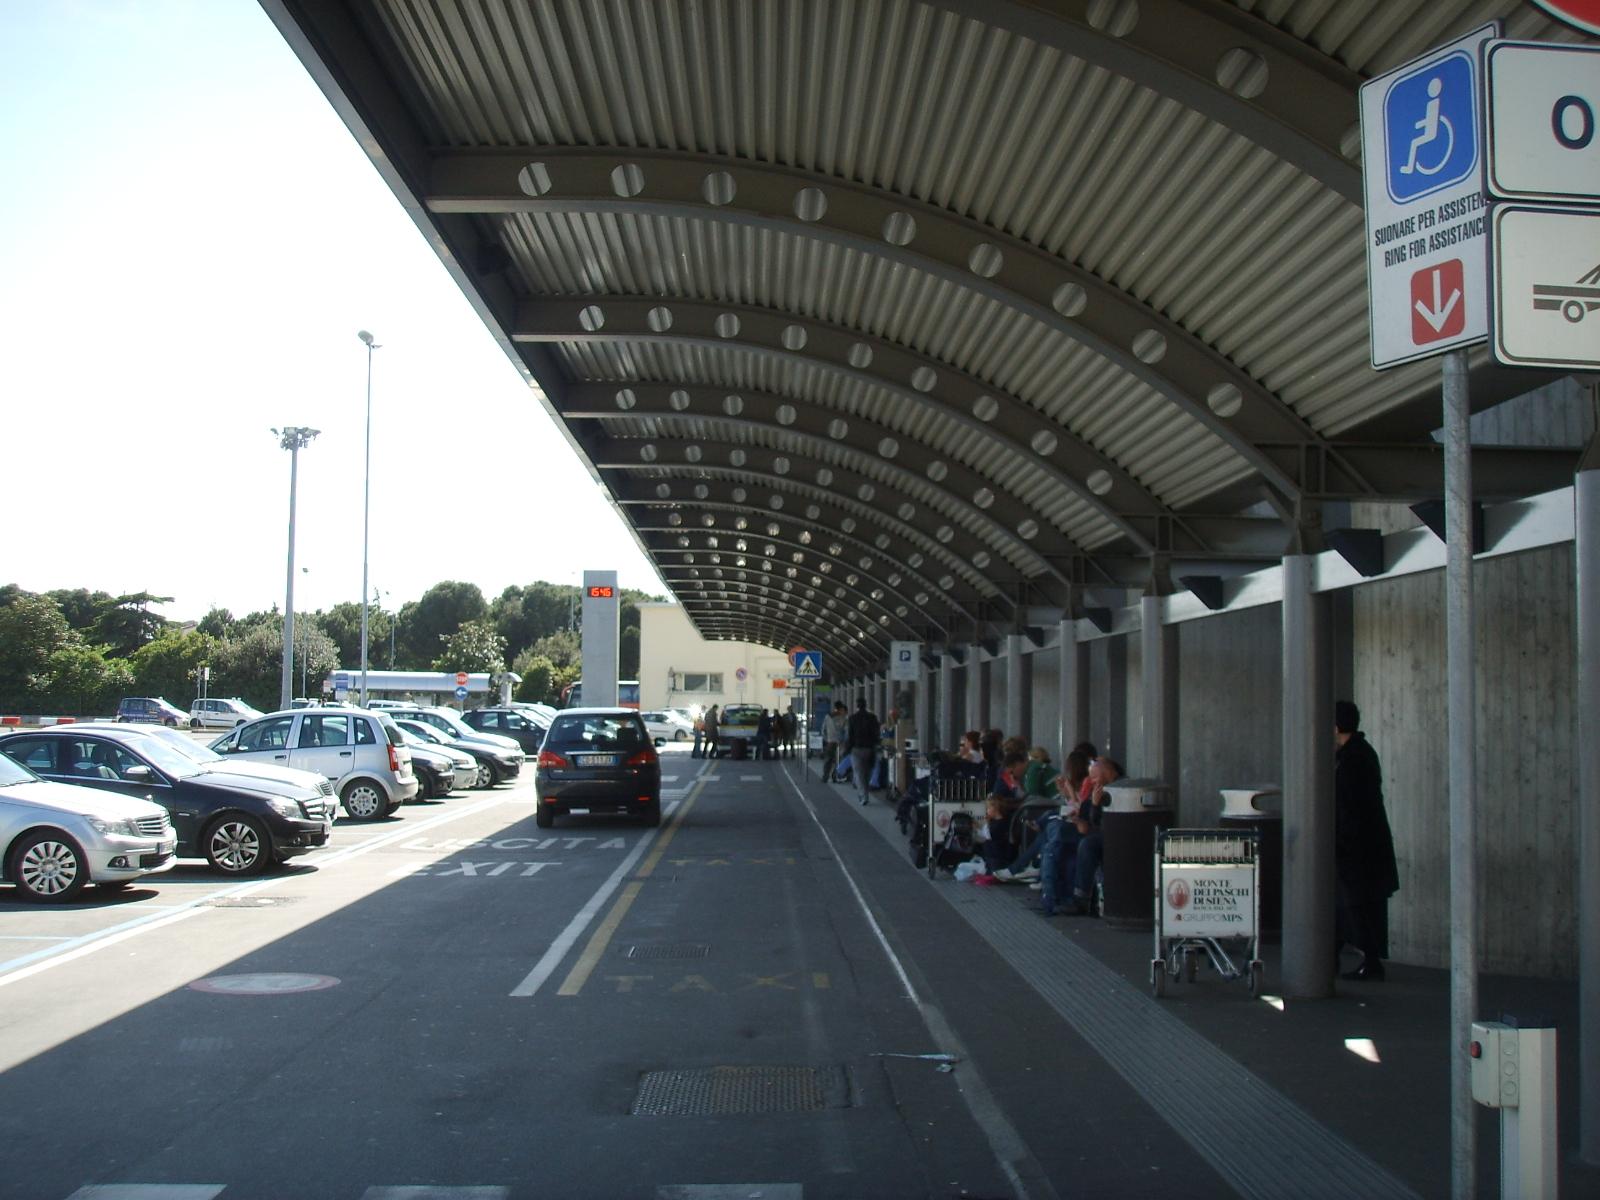 Aeroporto Firenze : File aeroporto di firenze g wikipedia